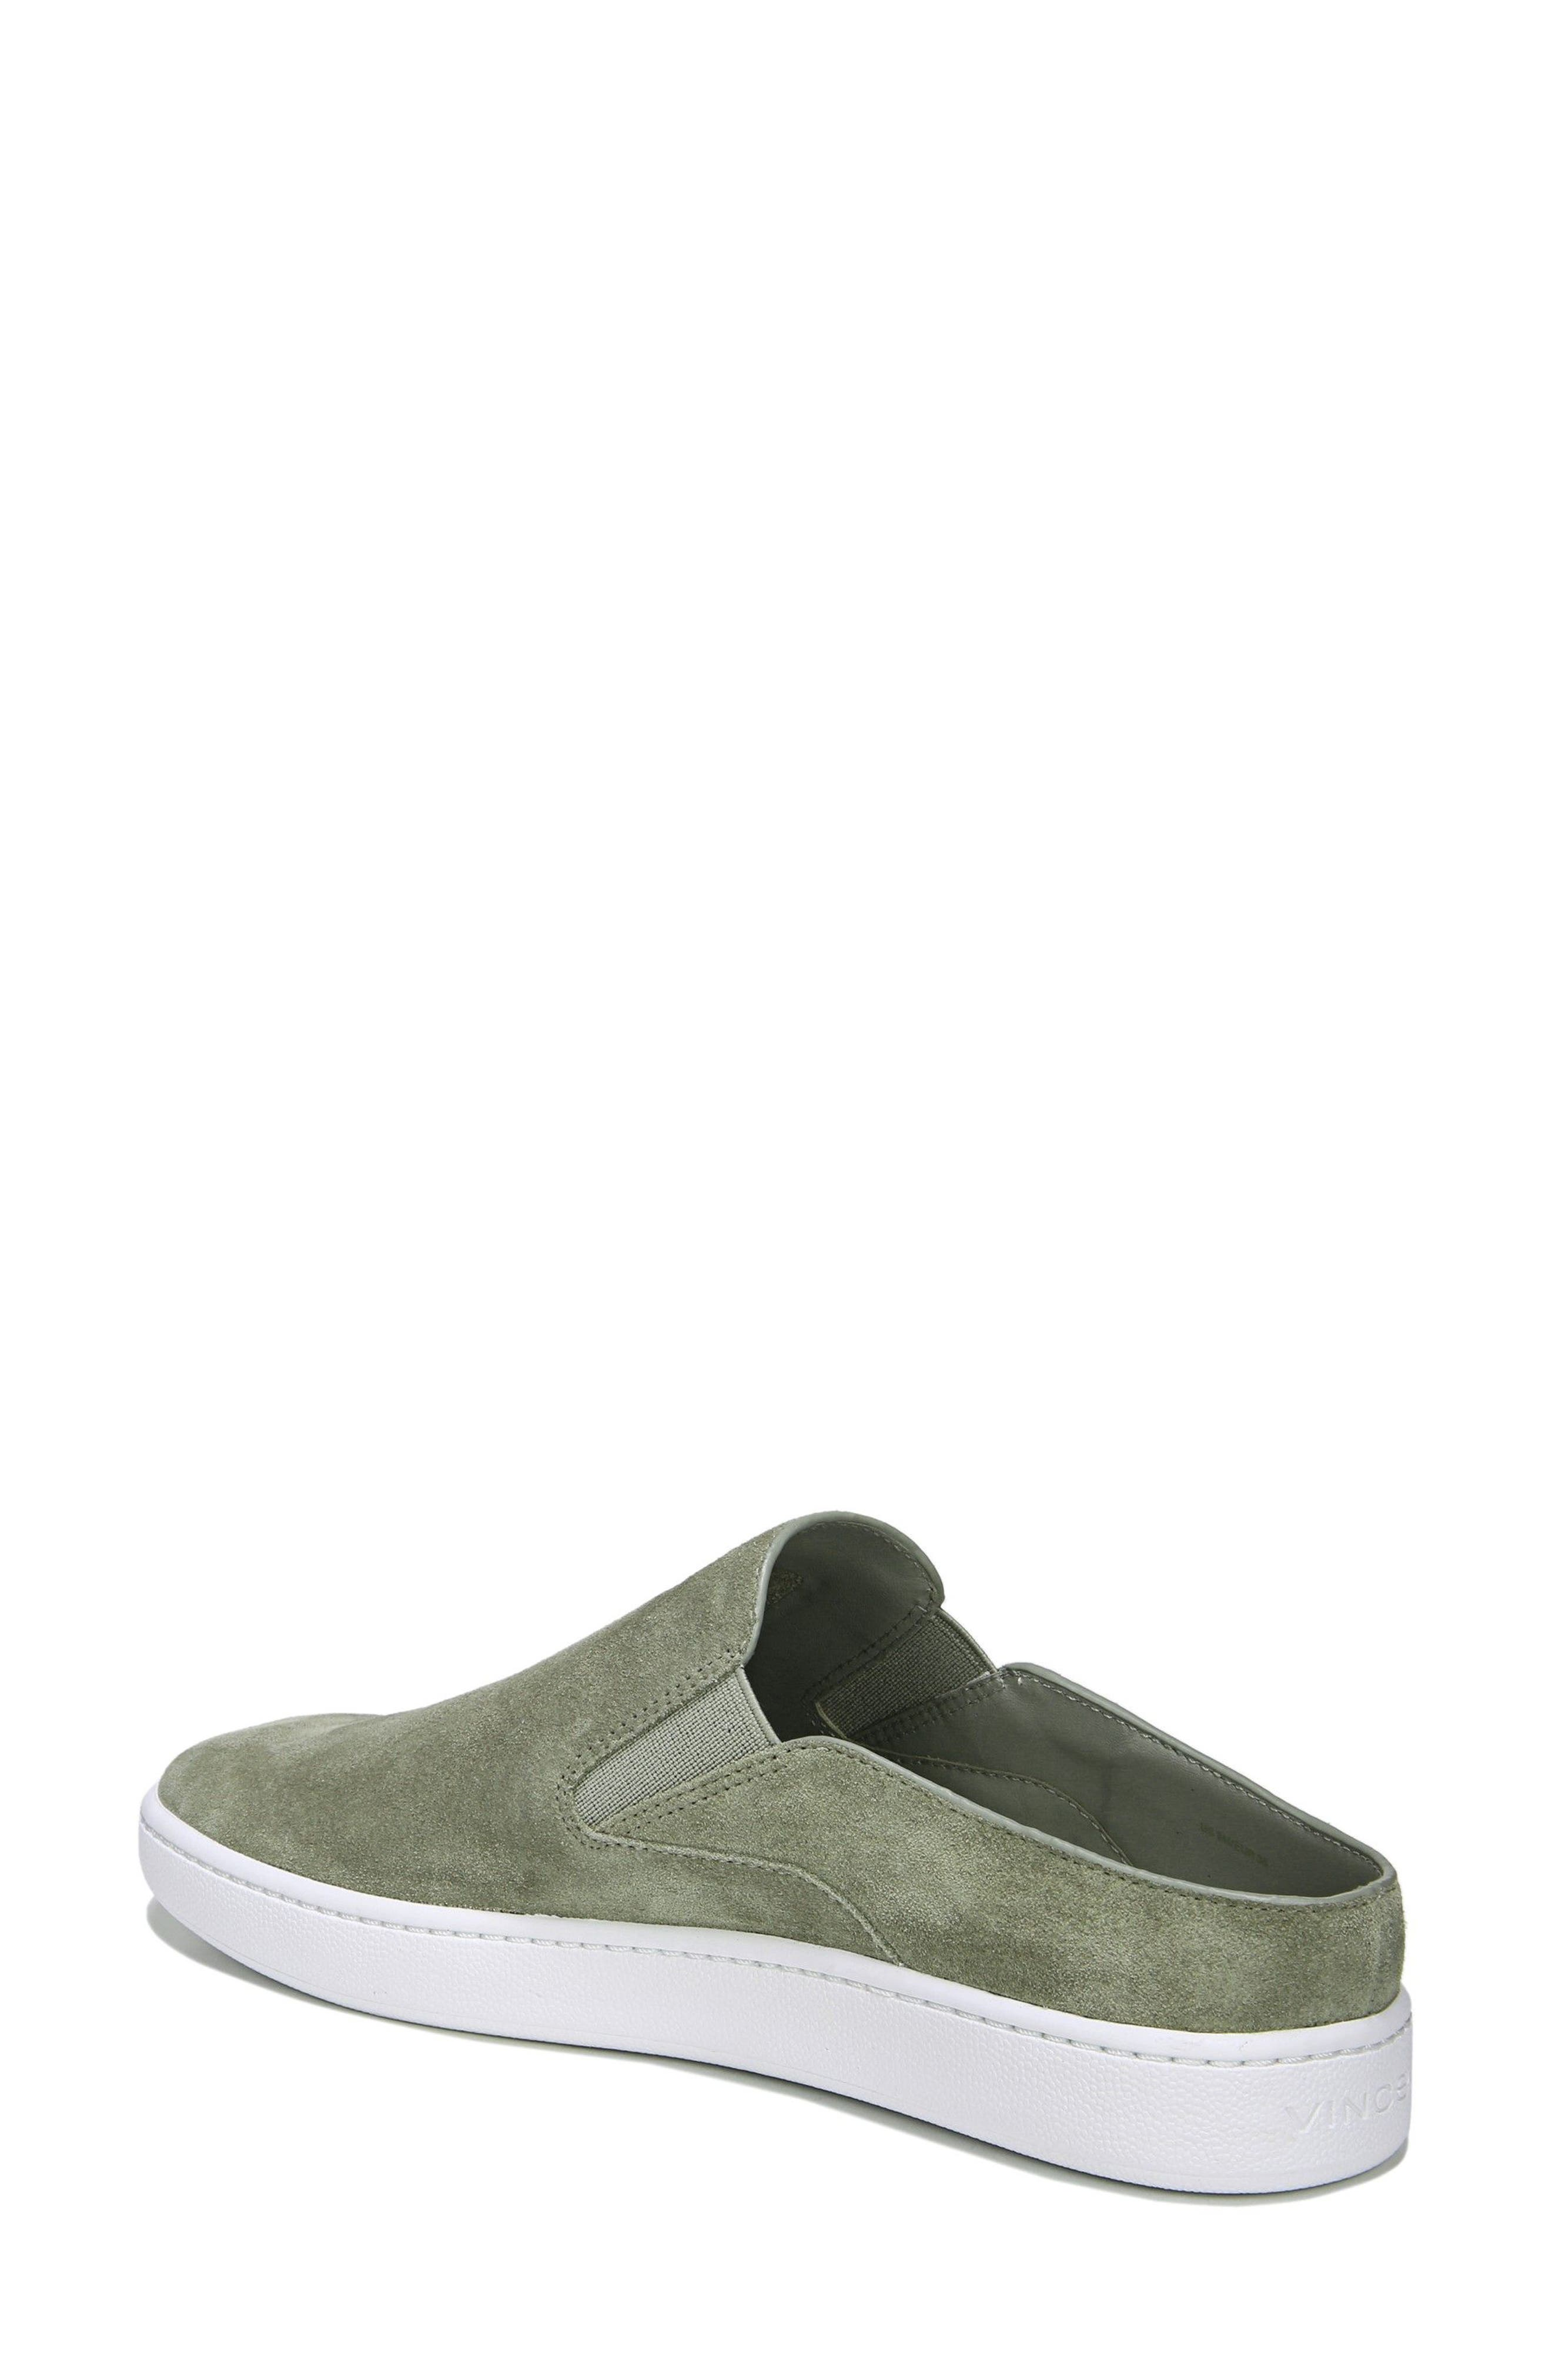 Verrell Slip-On Sneaker,                             Alternate thumbnail 12, color,